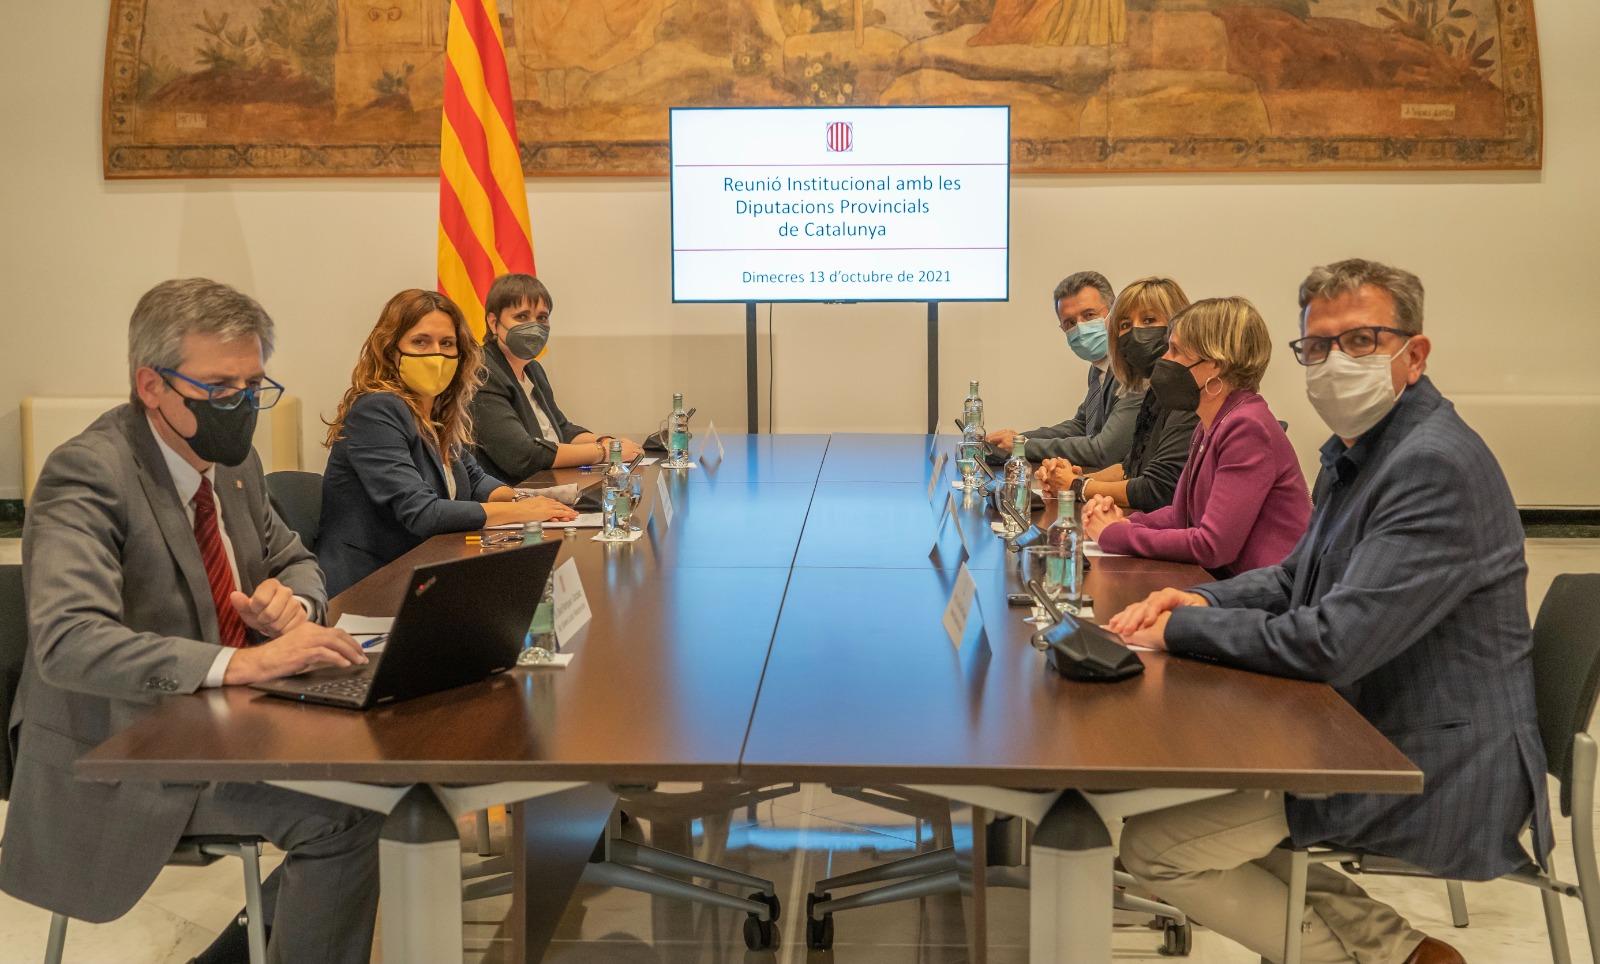 La consellera Vilagrà amb els presidents de les quatre diputacions.